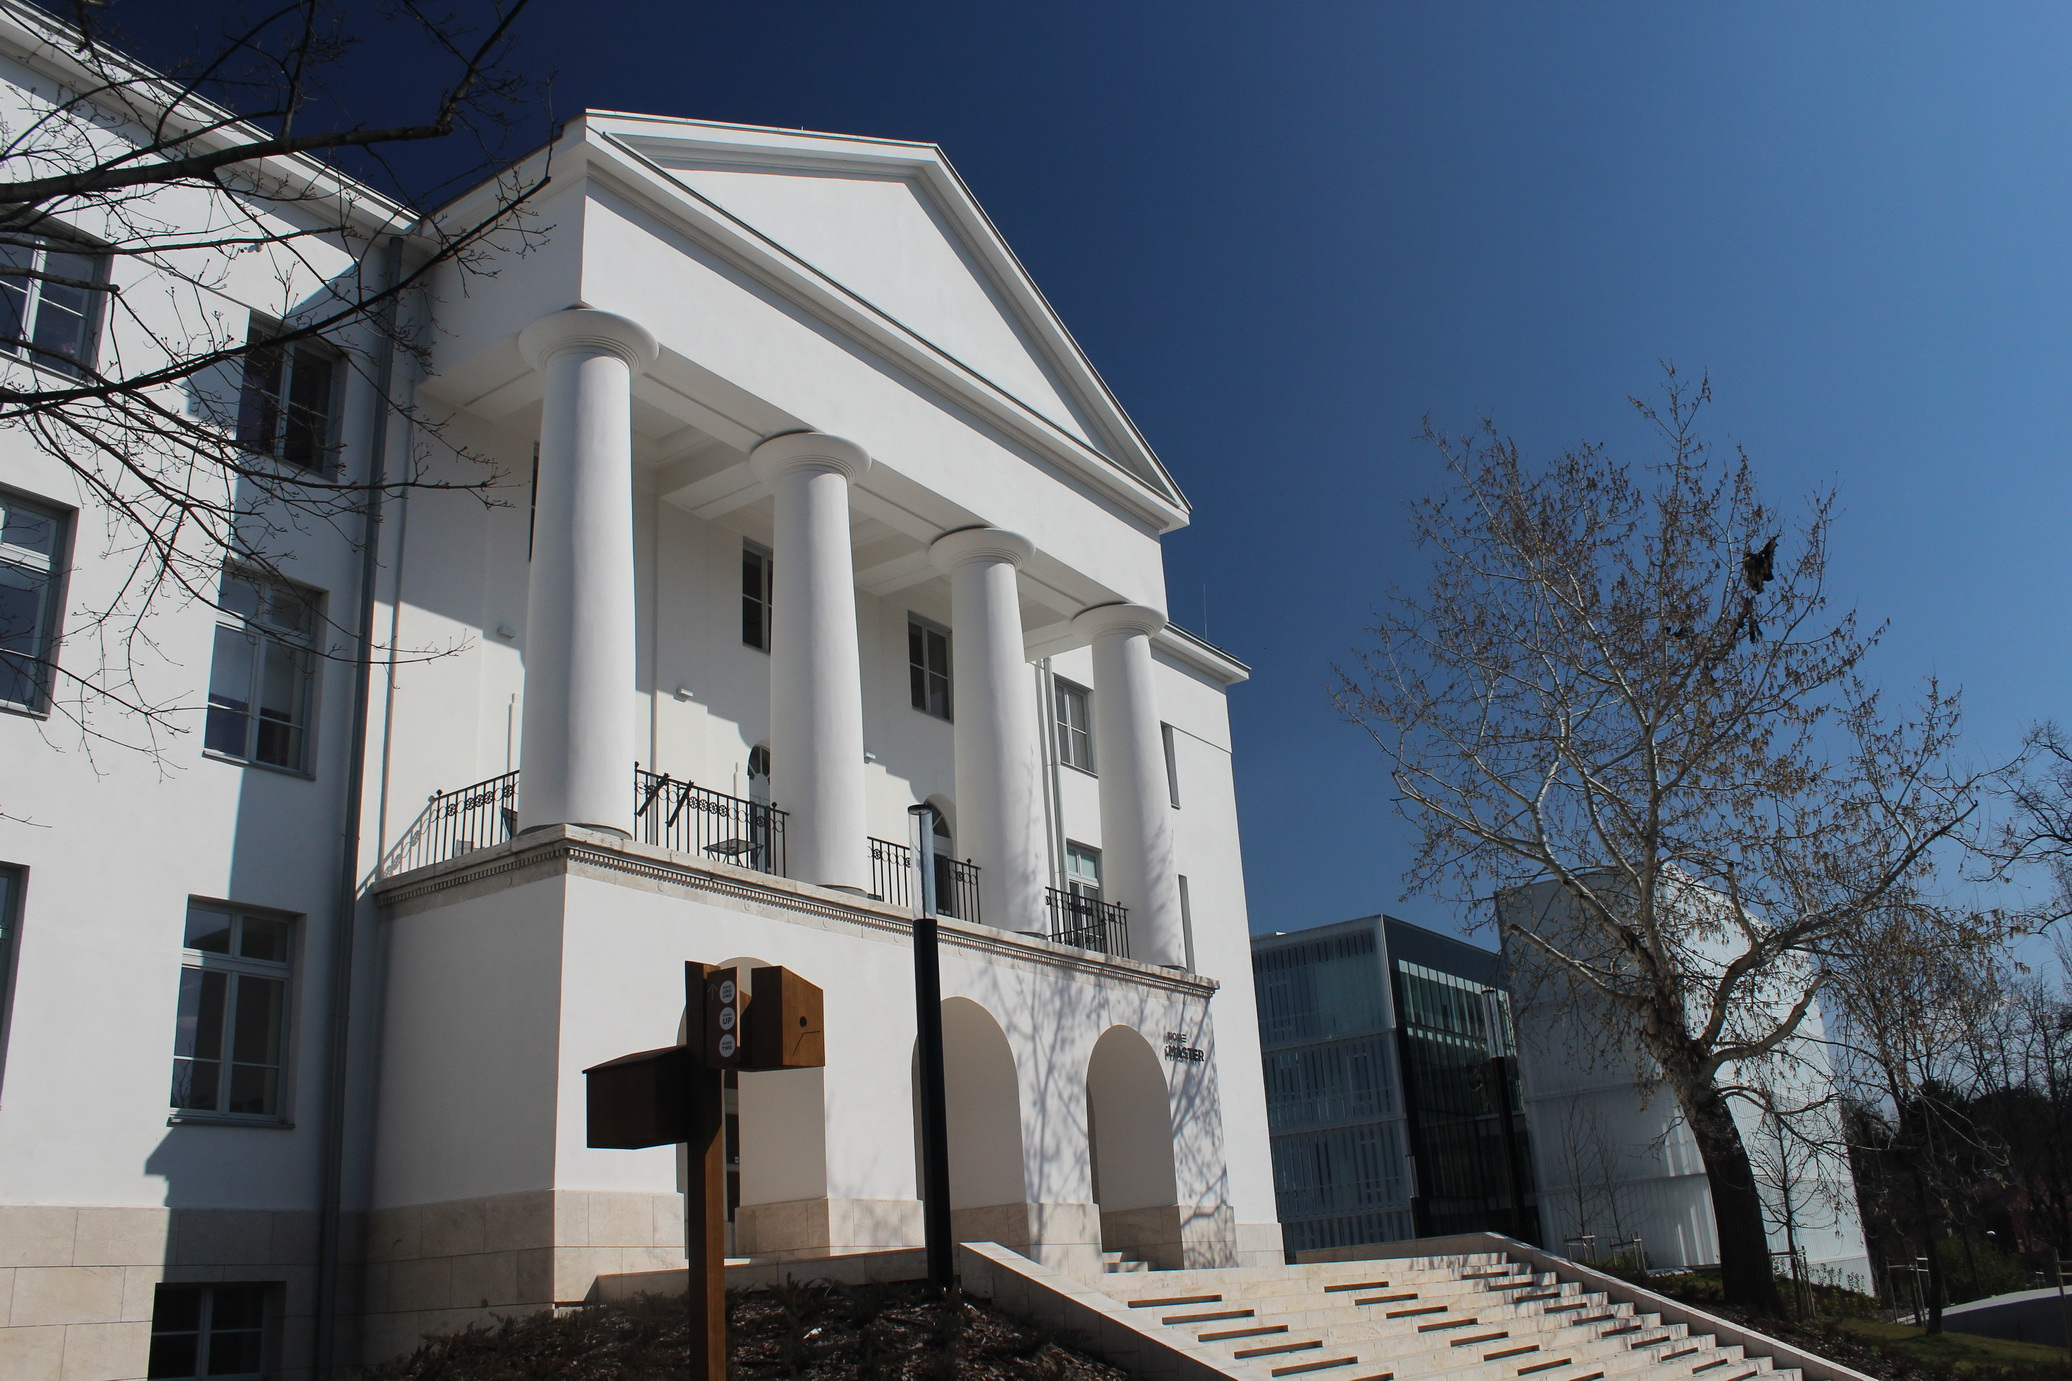 A régi főépület (Master) megmagasított homlokzata, 2020 (fotó: Papp Géza, Fővárosi Blog)